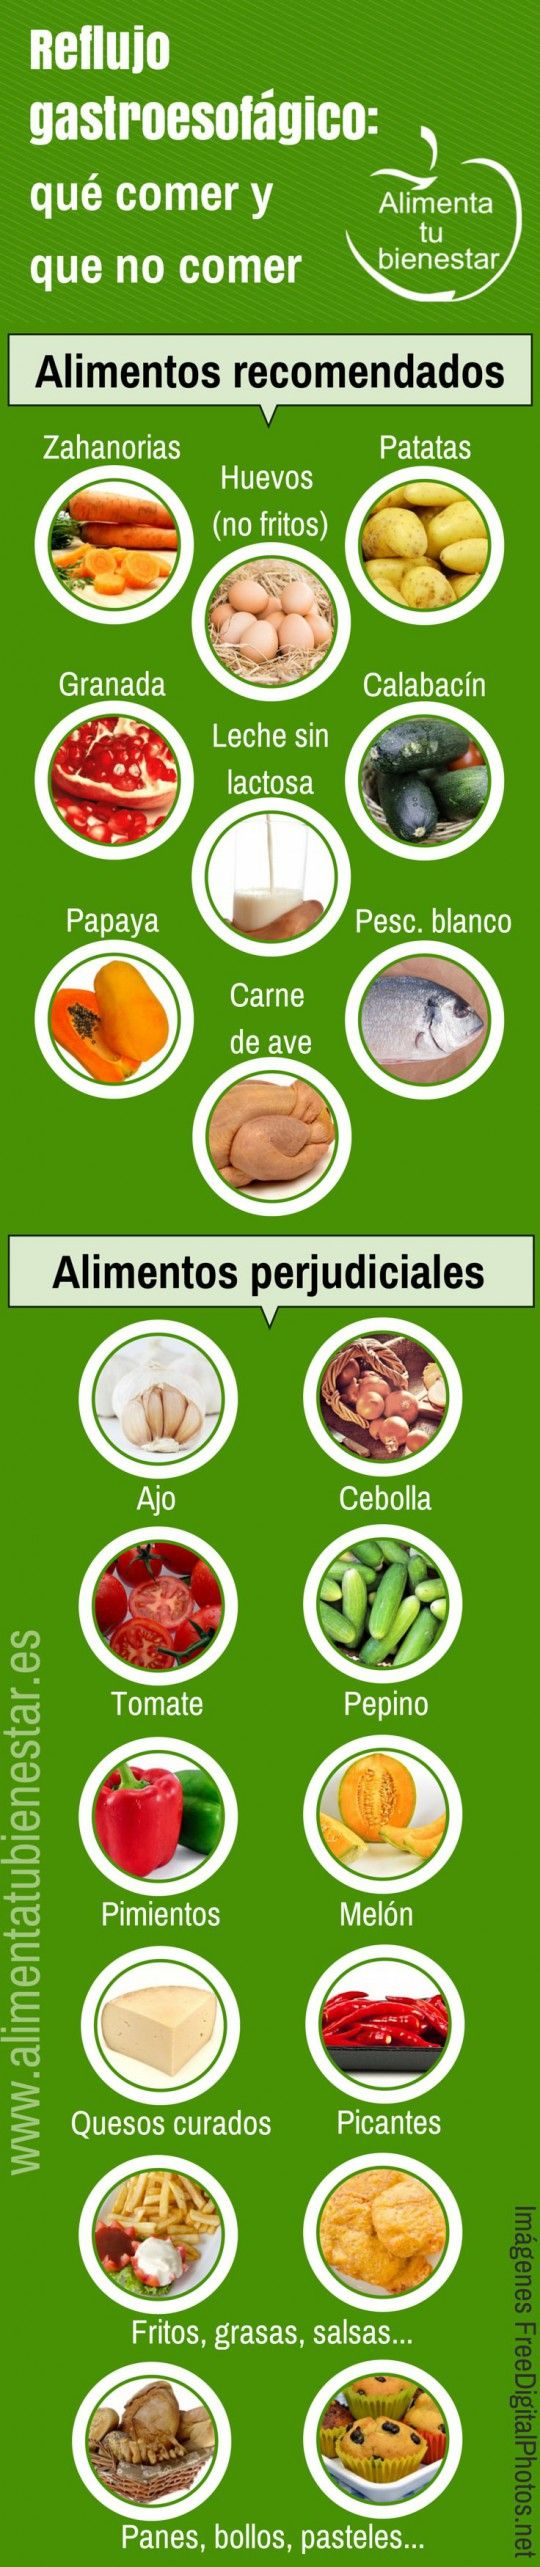 Dieta para el reflujo gastrico cronico